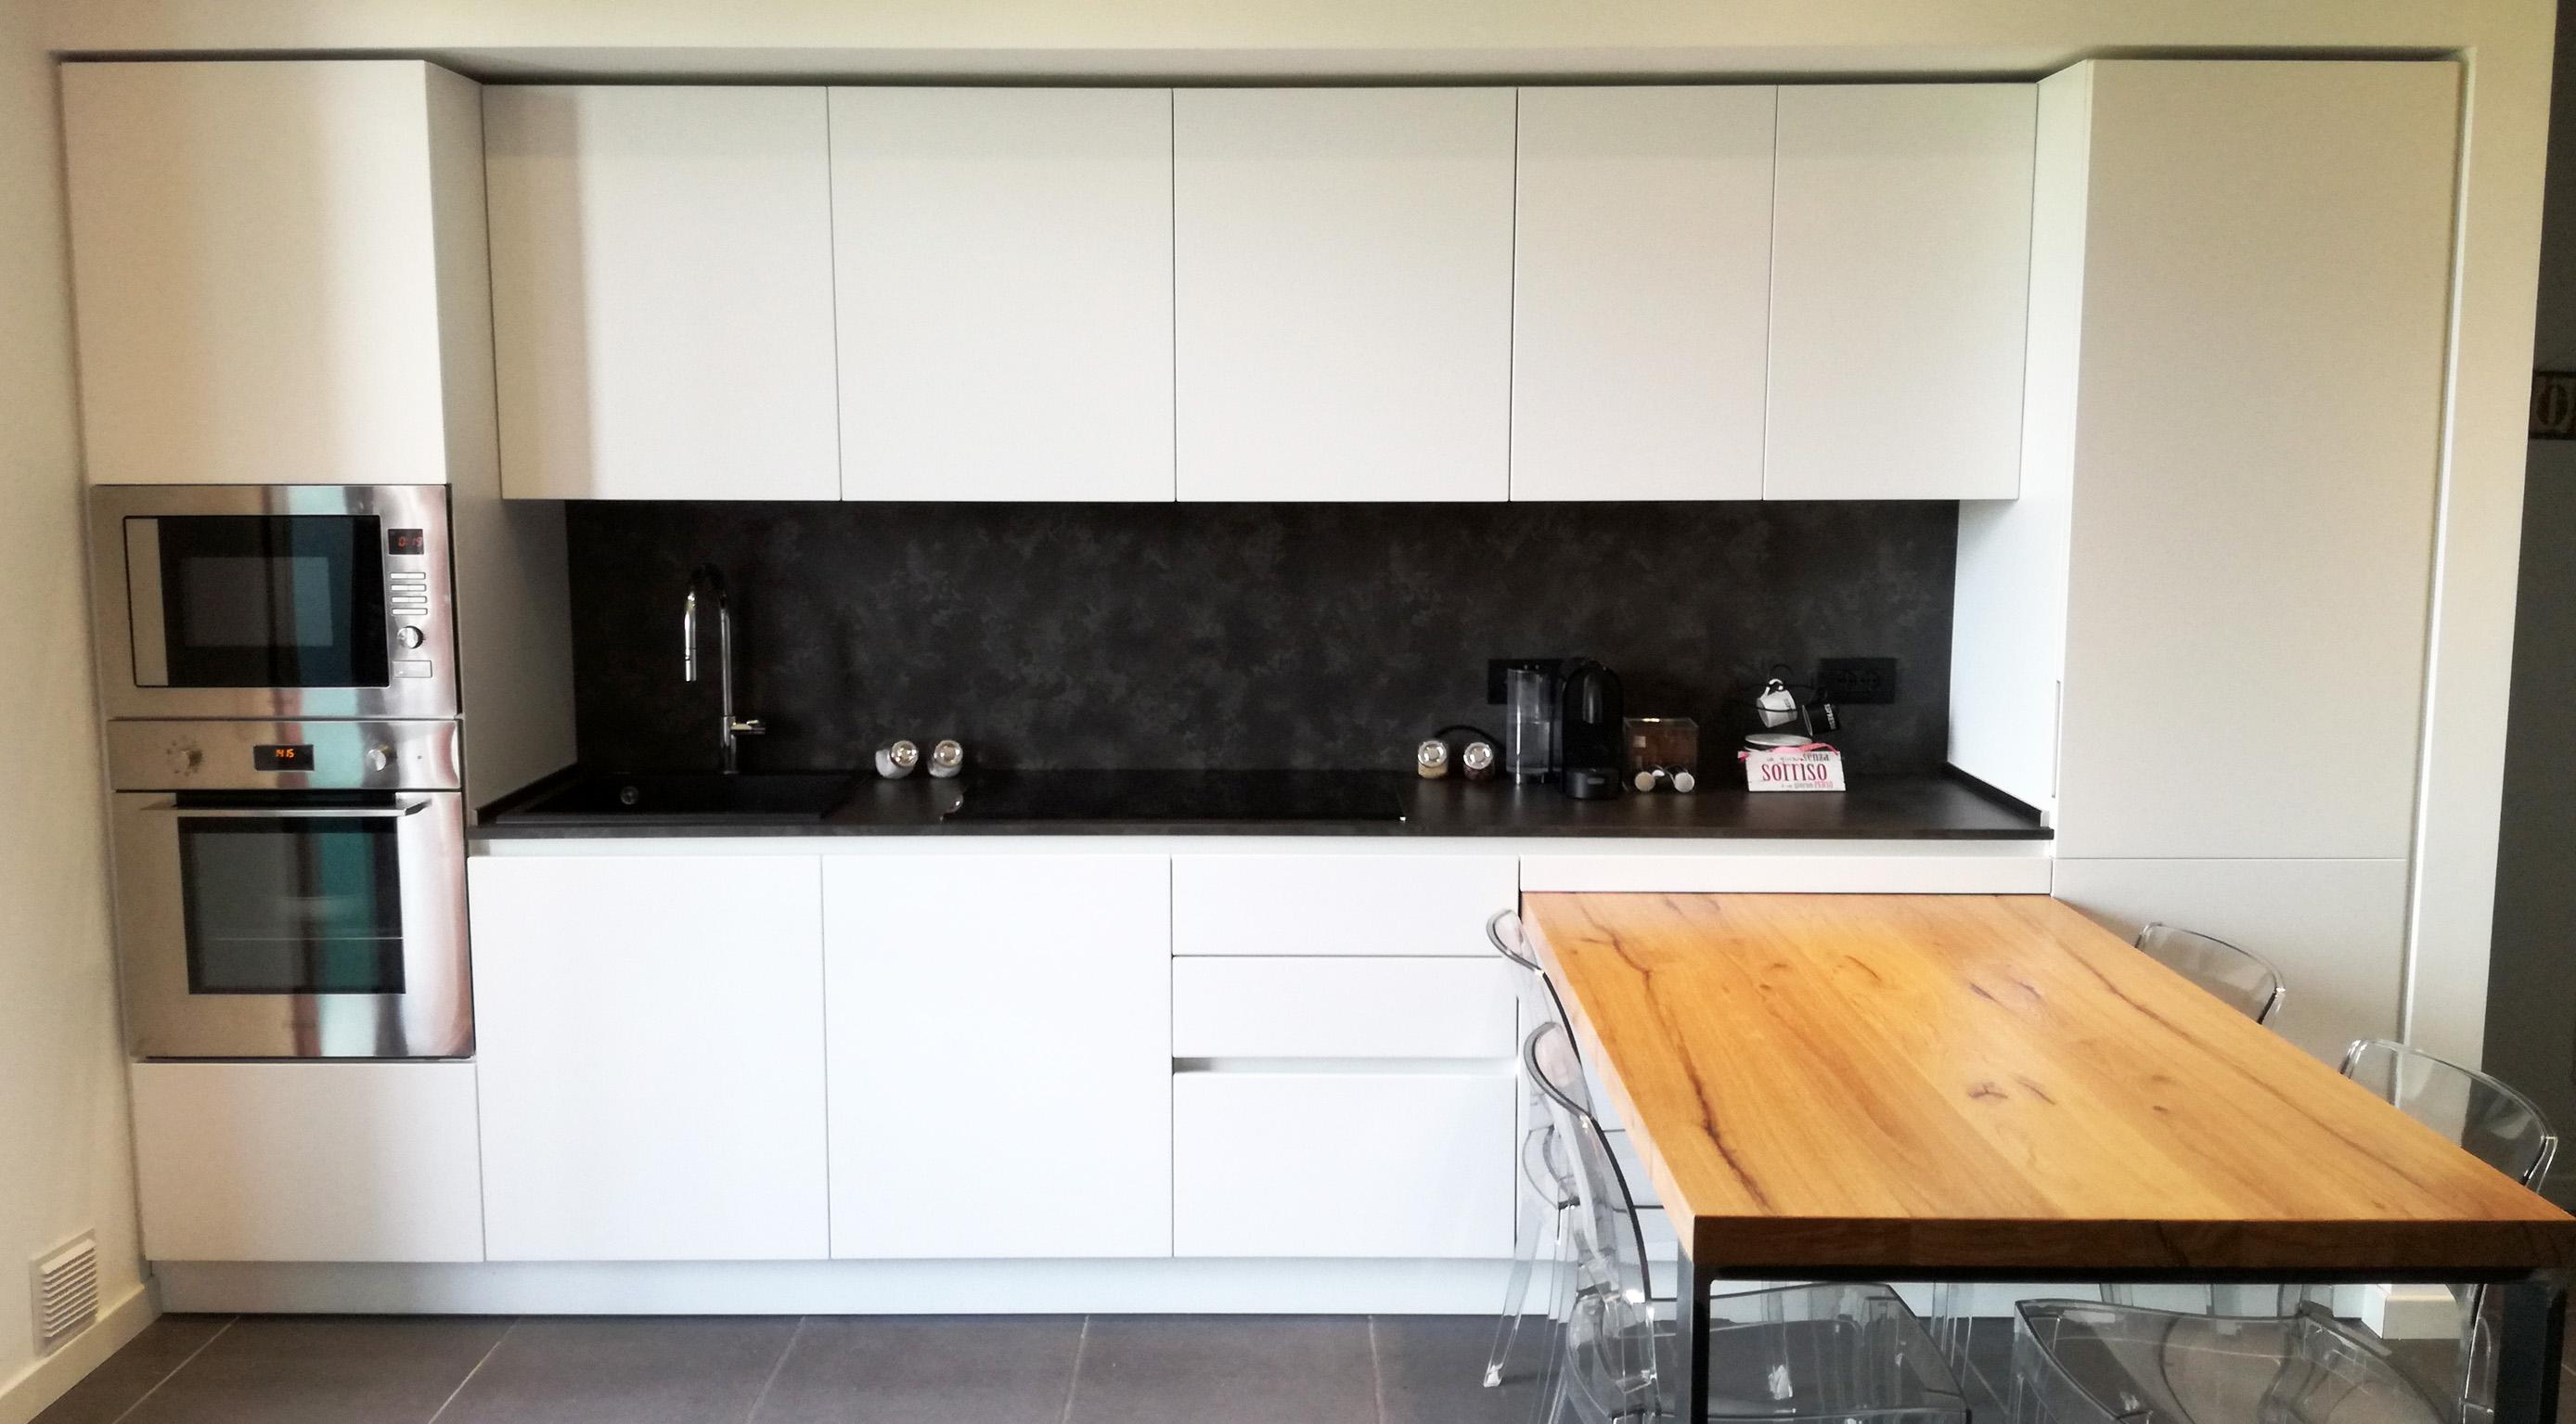 Cucina bianca in nicchia con tavolo penisola in rovere nodato arredamenti barin - Cucina bianca e legno ...